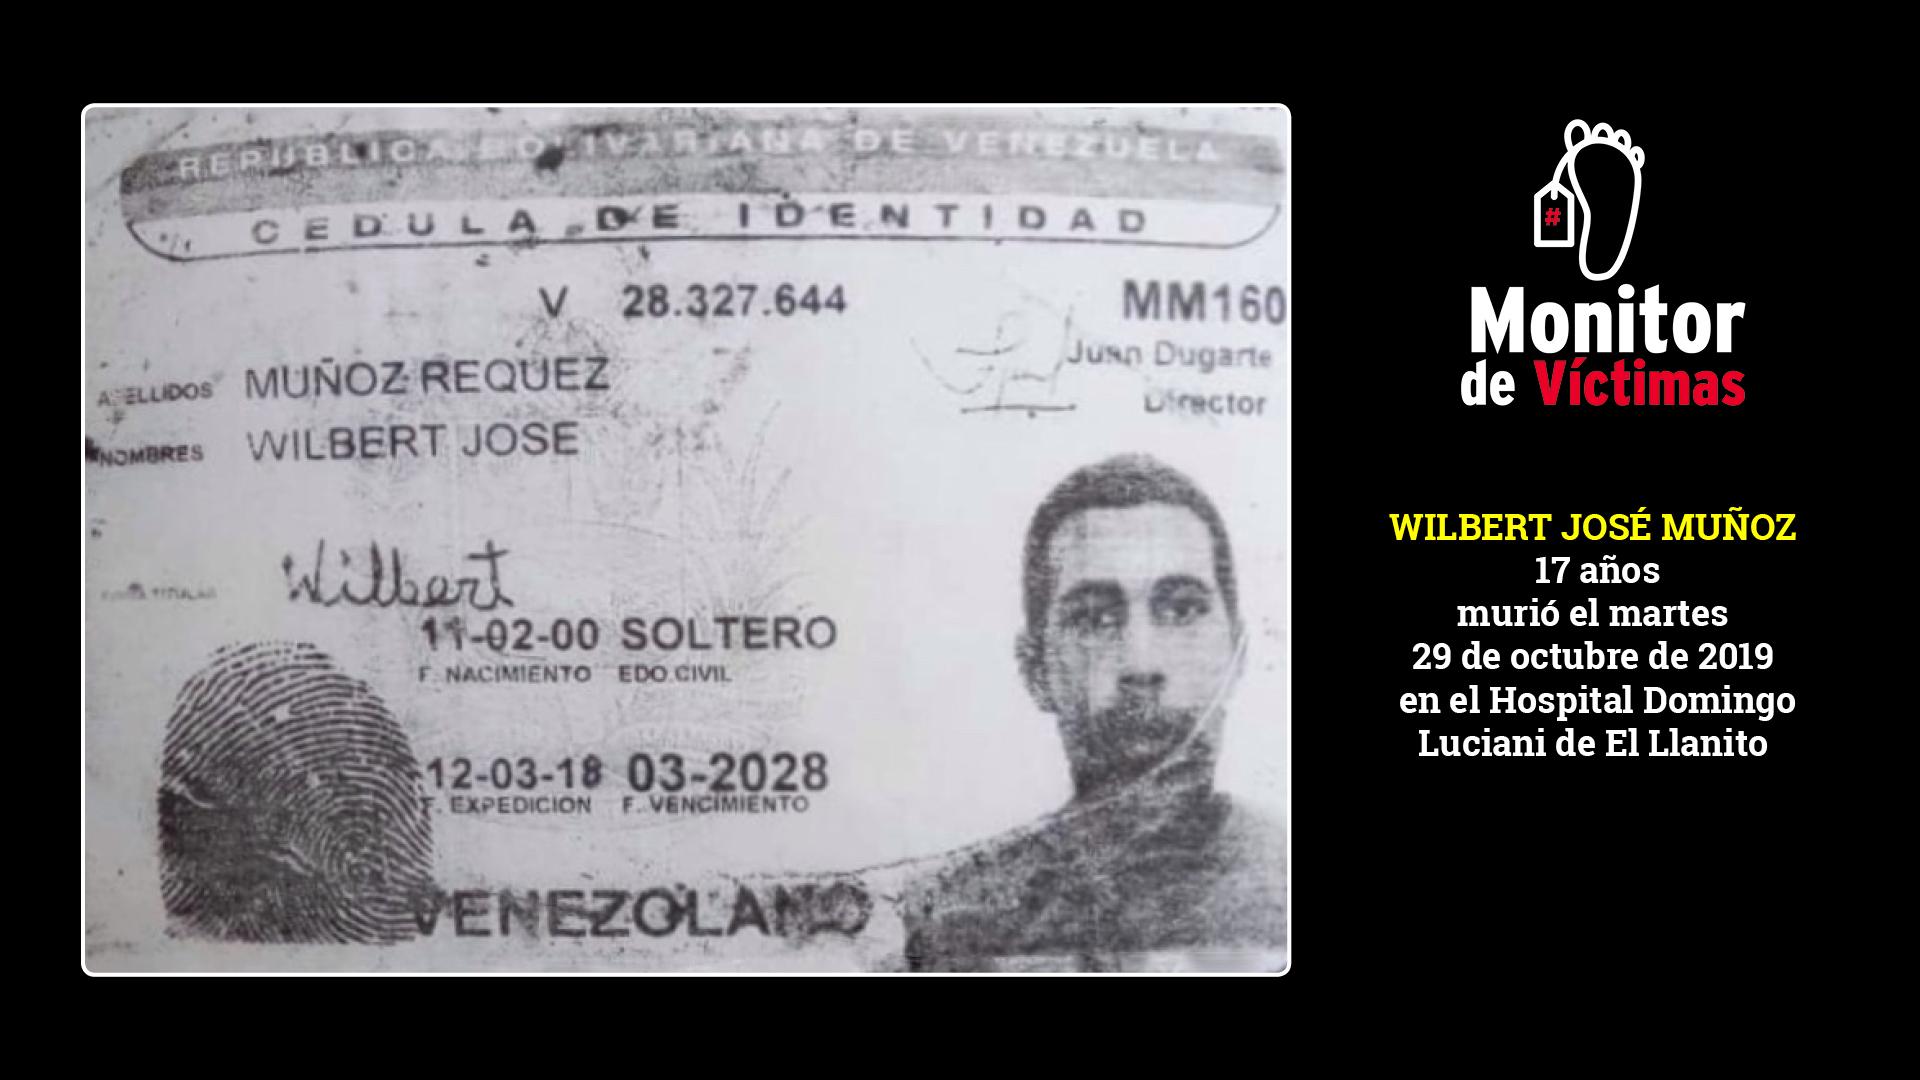 #MonitorDeVictimas  |  Acusan a Cicpc de asesinar a pelotero